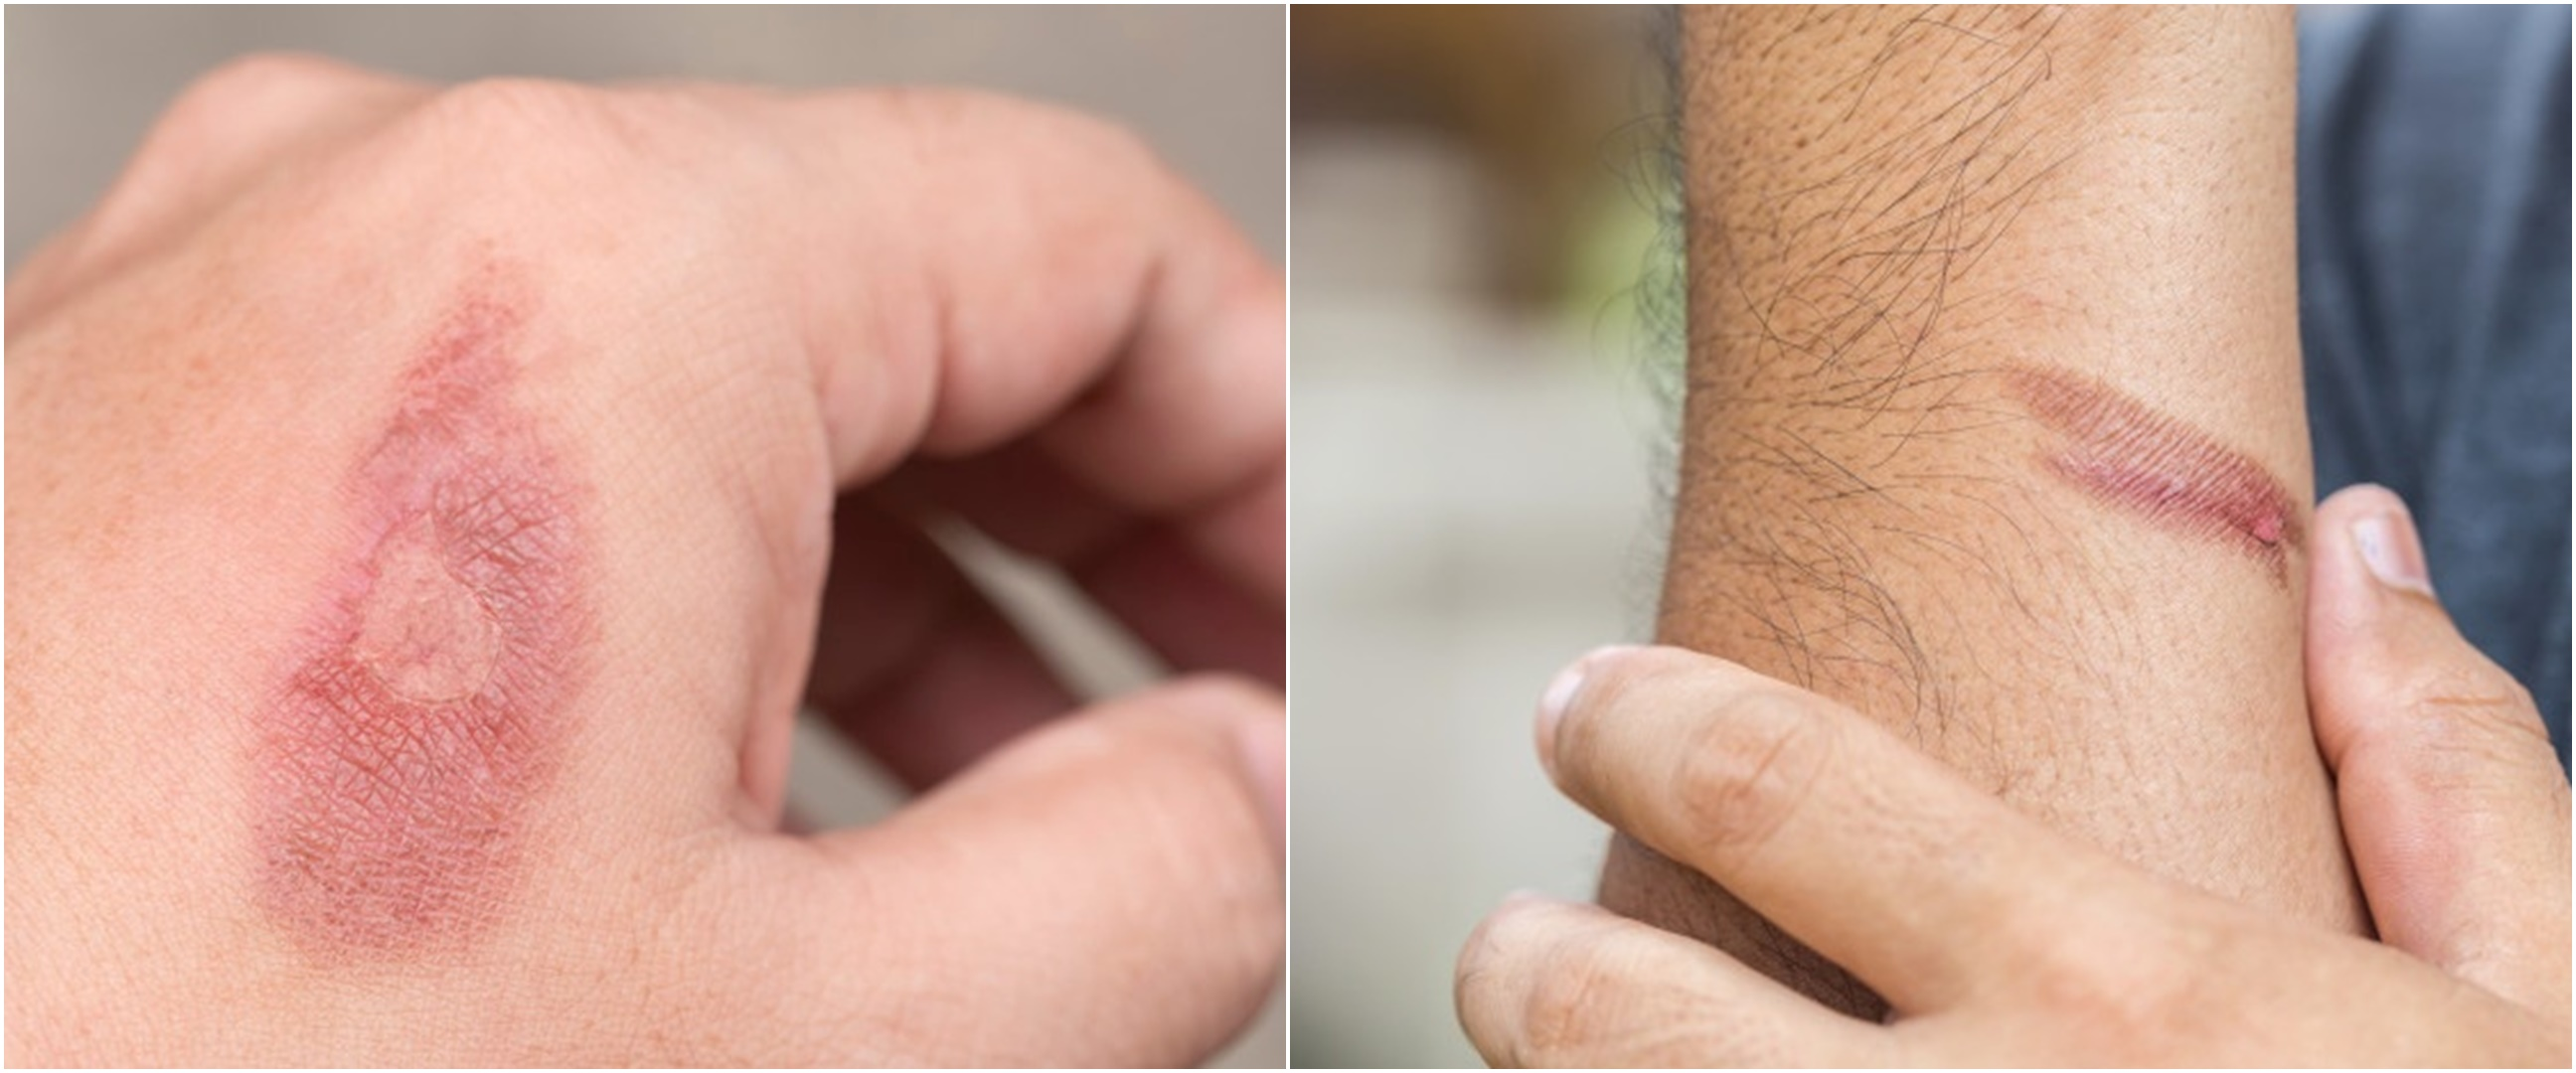 10 Cara menghilangkan bekas luka bakar secara alami